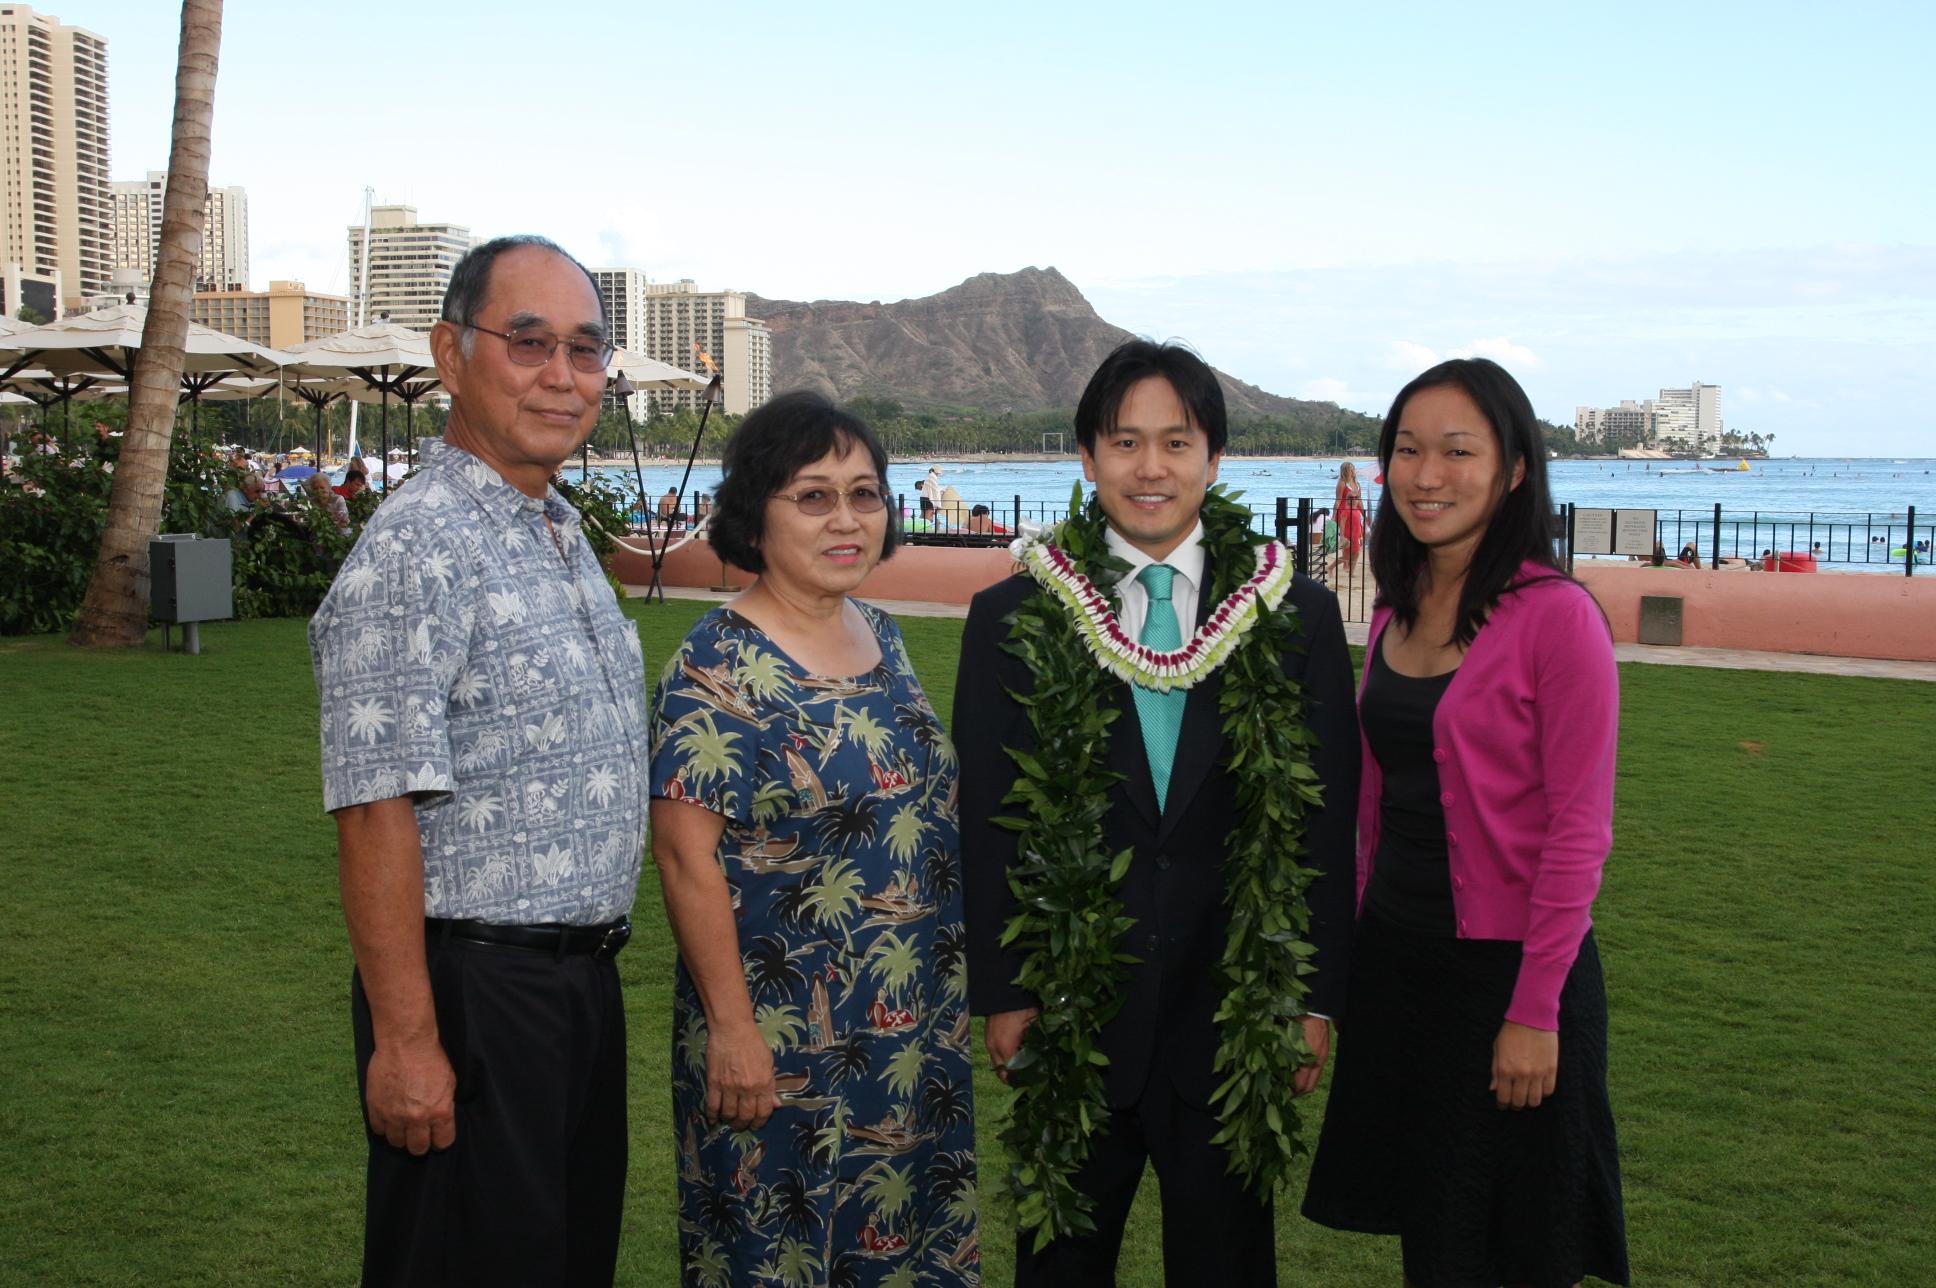 Richard Karamatsu (Jon's father), Laraine Karamatsu (Jon's mother), Rep. Jon Riki Karamatsu, and Lara Karamatsu (Jon's younger sister)